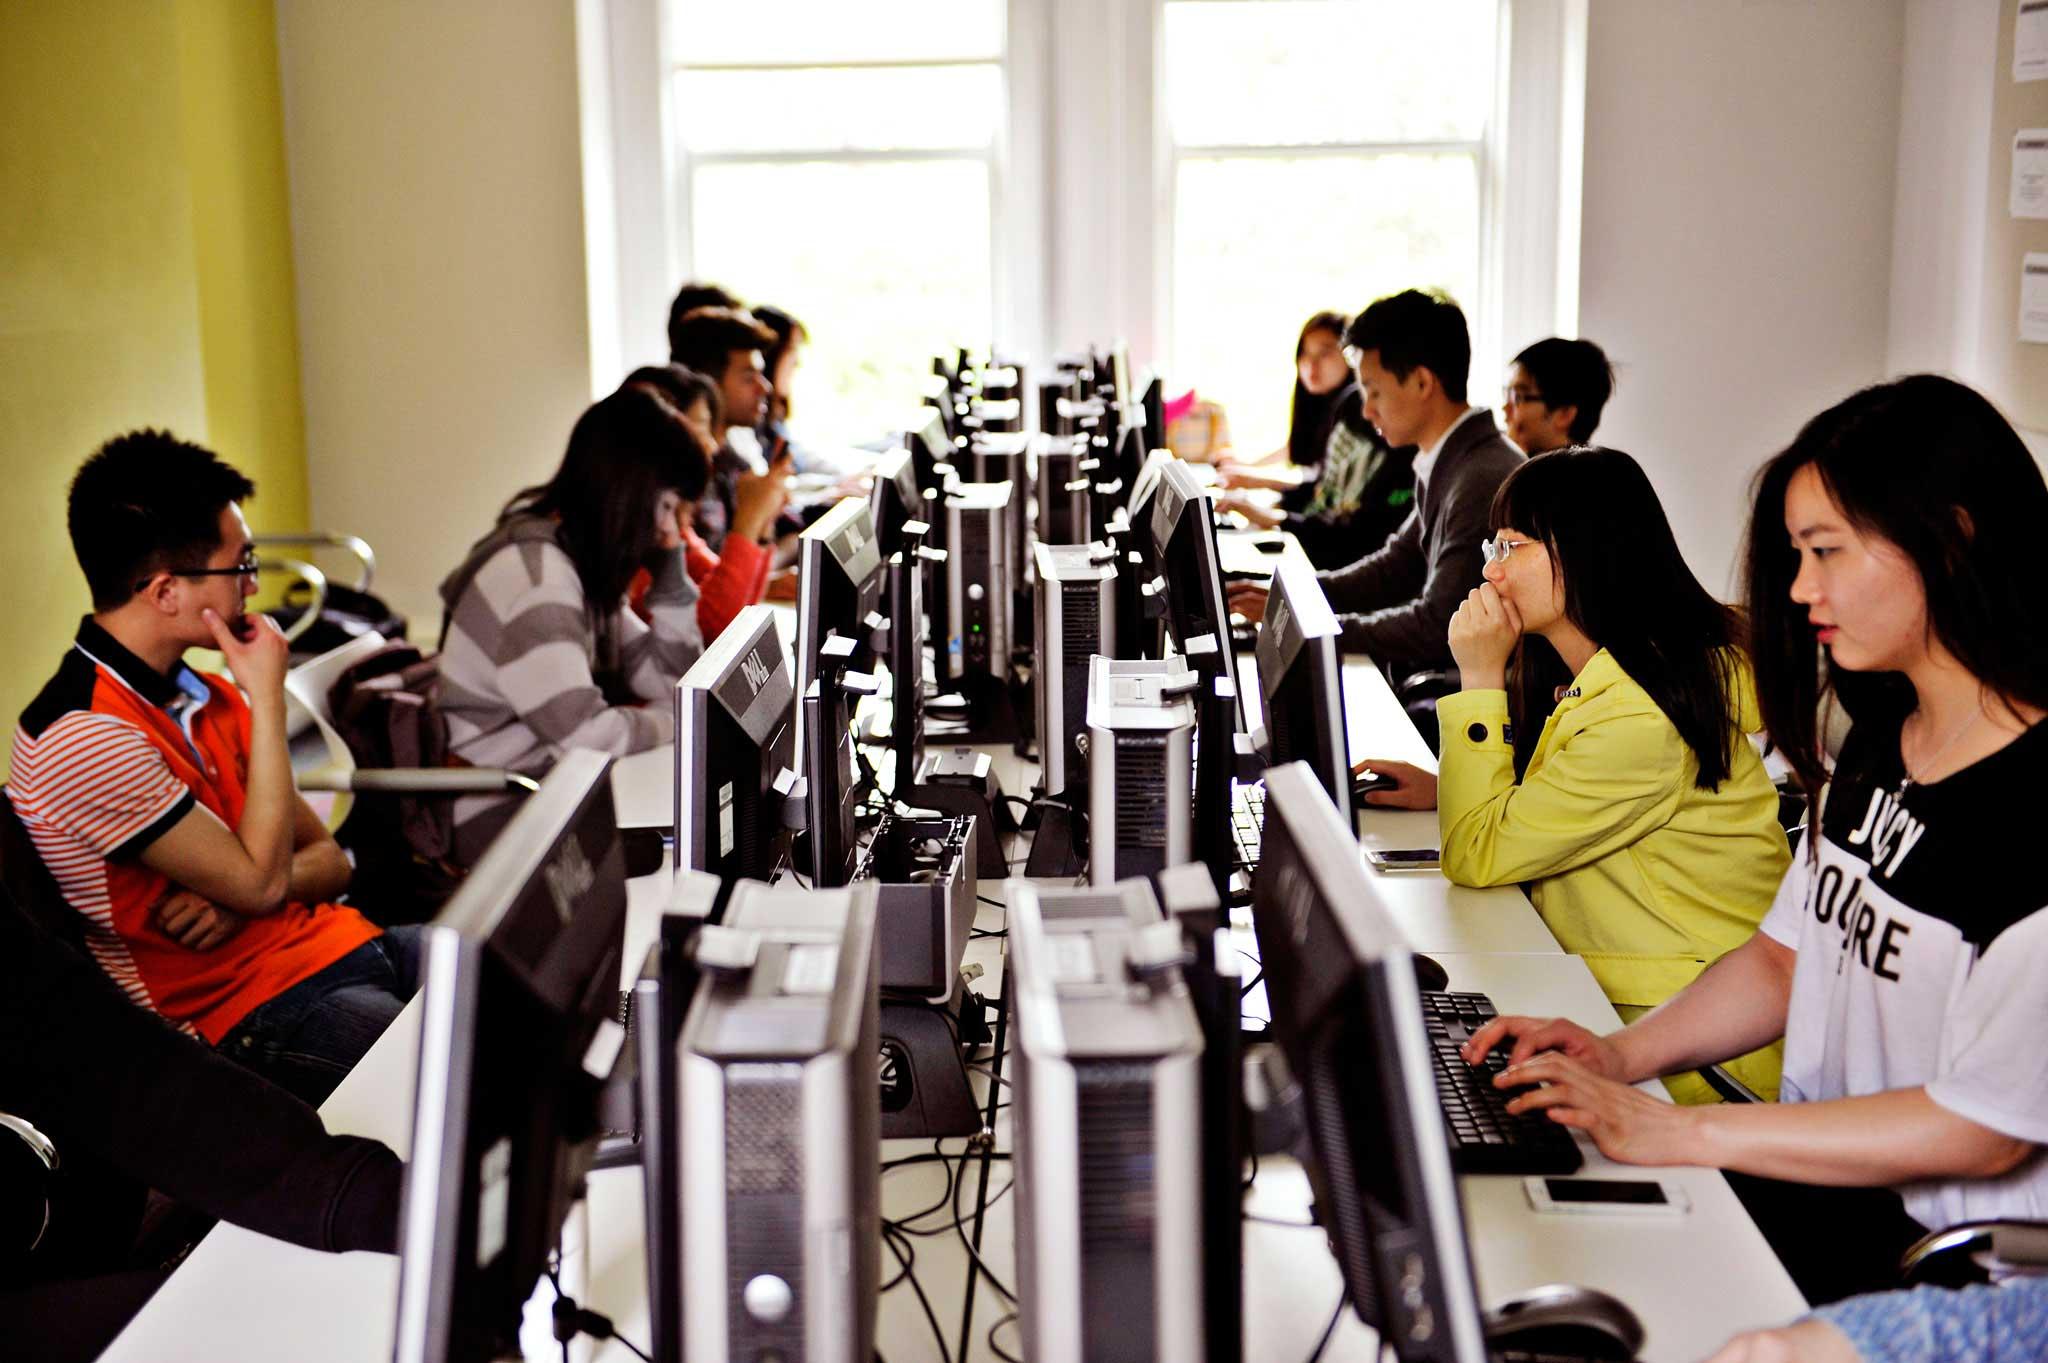 校园随处可见可供使用的电脑